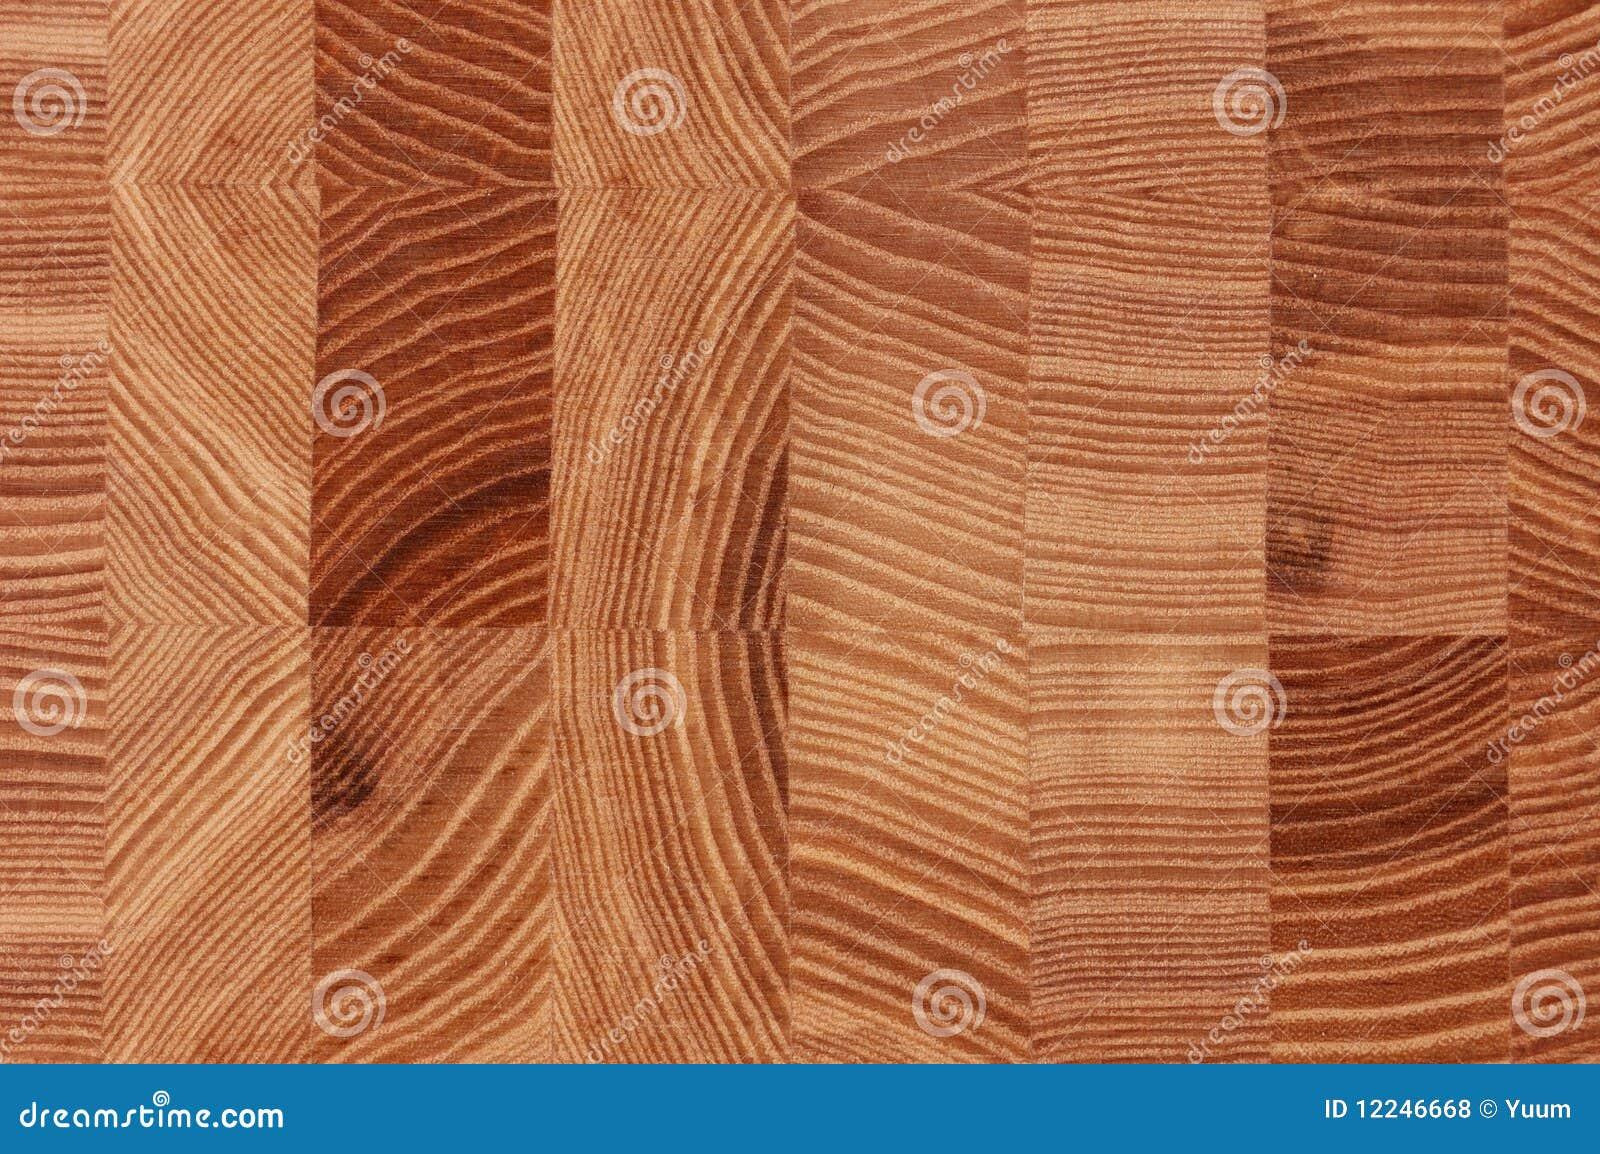 wood background royalty free - photo #30